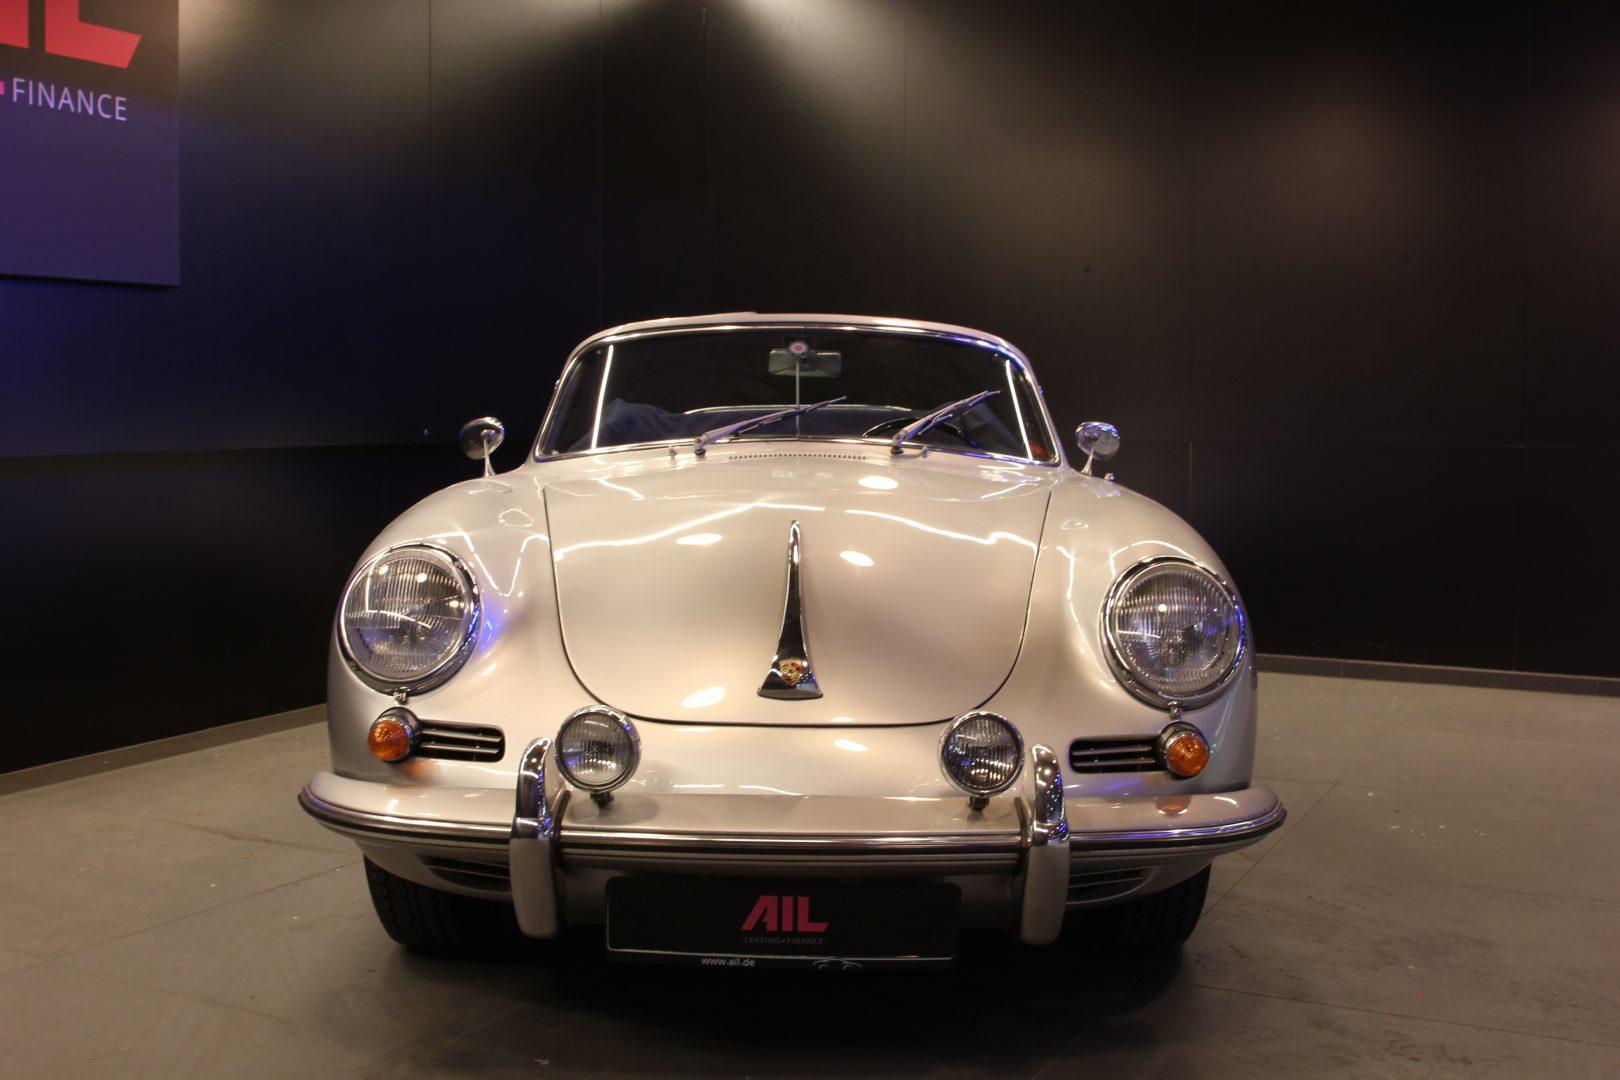 AIL Porsche 356 B 1600 Super 10